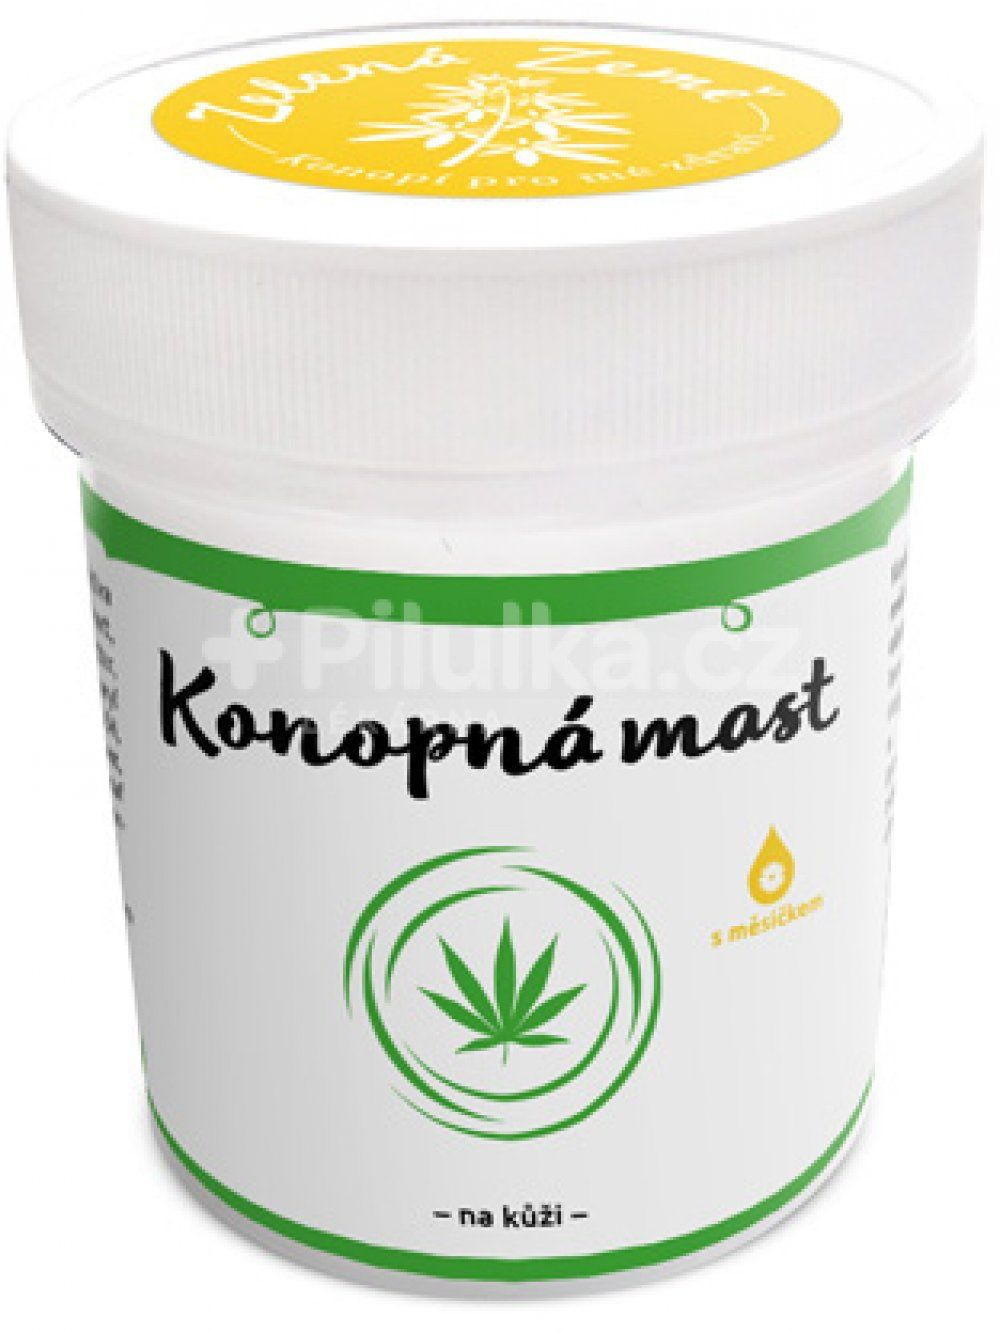 Zelená země Konopná mast s měsíčkem lékařským je skvělá péče o pokožku celého těla. 100% čistá - bez ropných produktů, palmového oleje. 100ml Zelená Země s.r.o.